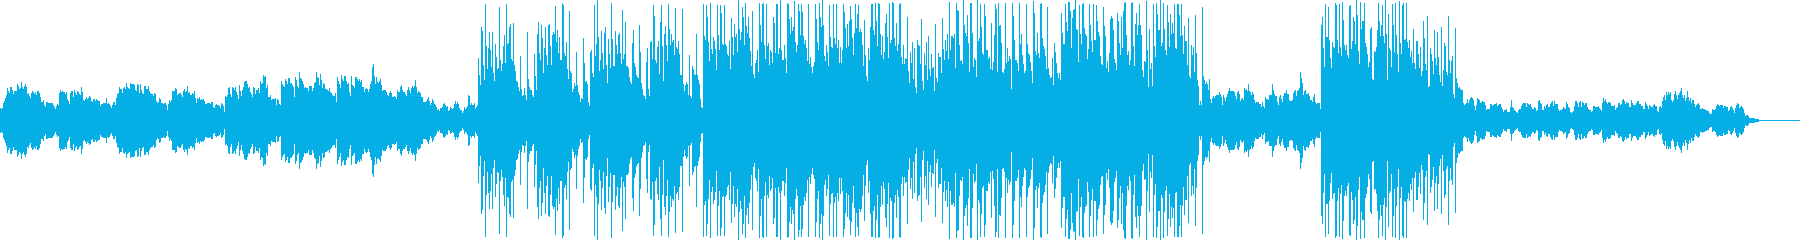 ノスタルジックな旋律が優しく響く回想音楽の再生済みの波形